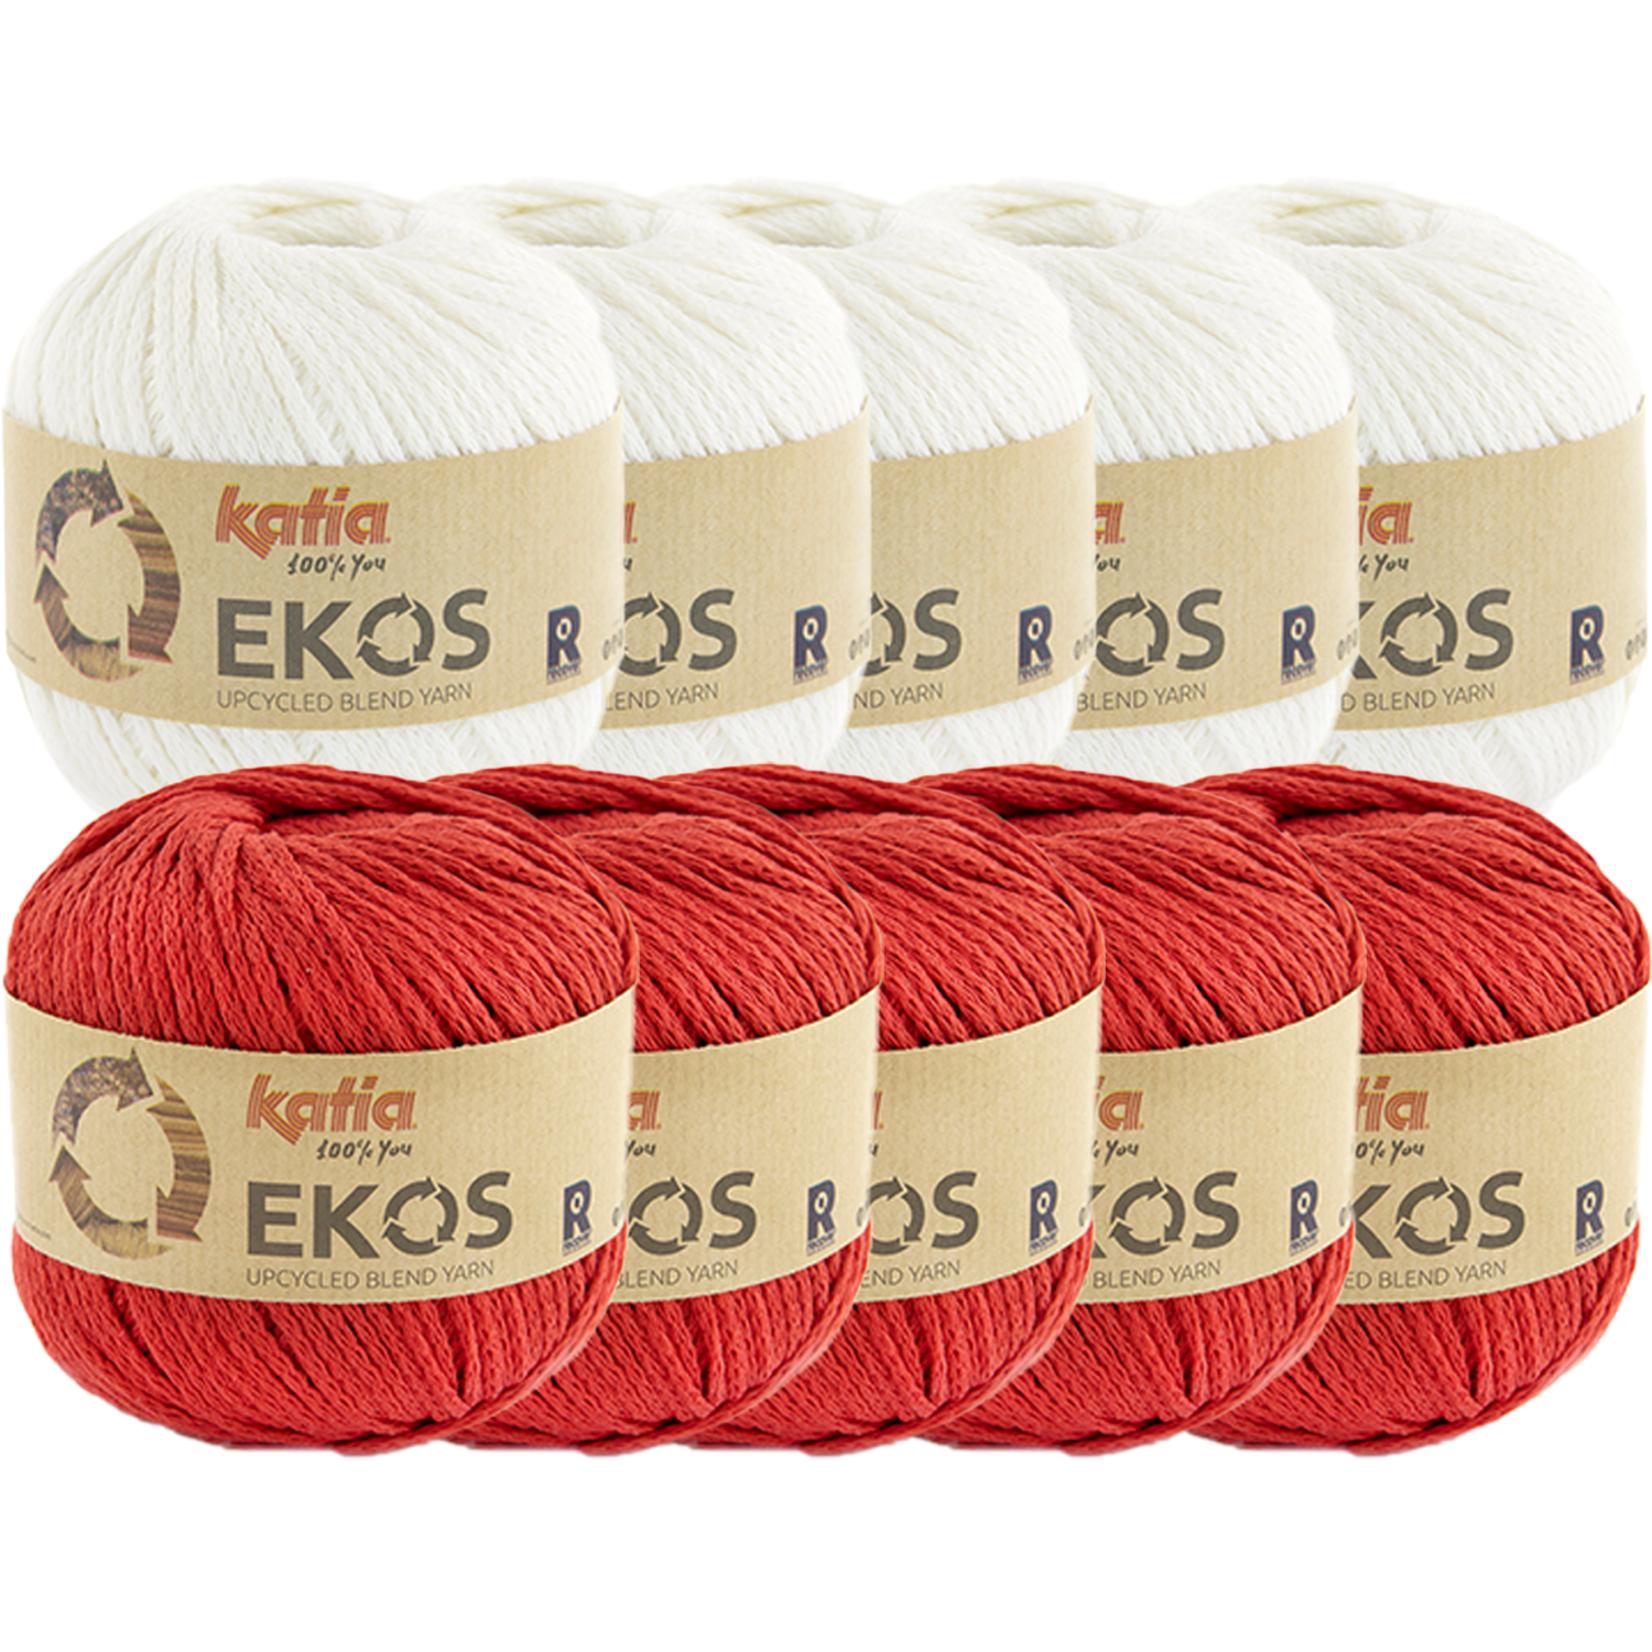 Katia Ekos Combibundel 10 bollen x 50 gr. Ecru-Rood